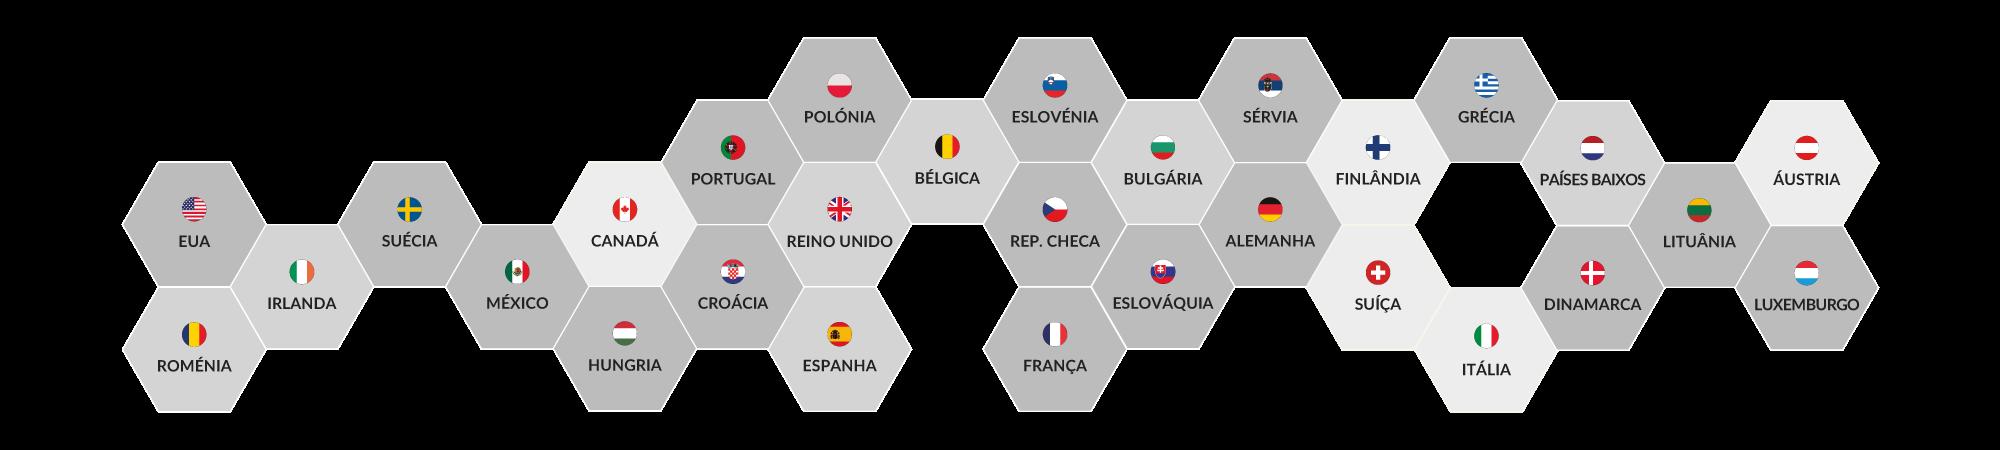 Somos a única operadora com rede própria em 29 paises – Dialoga